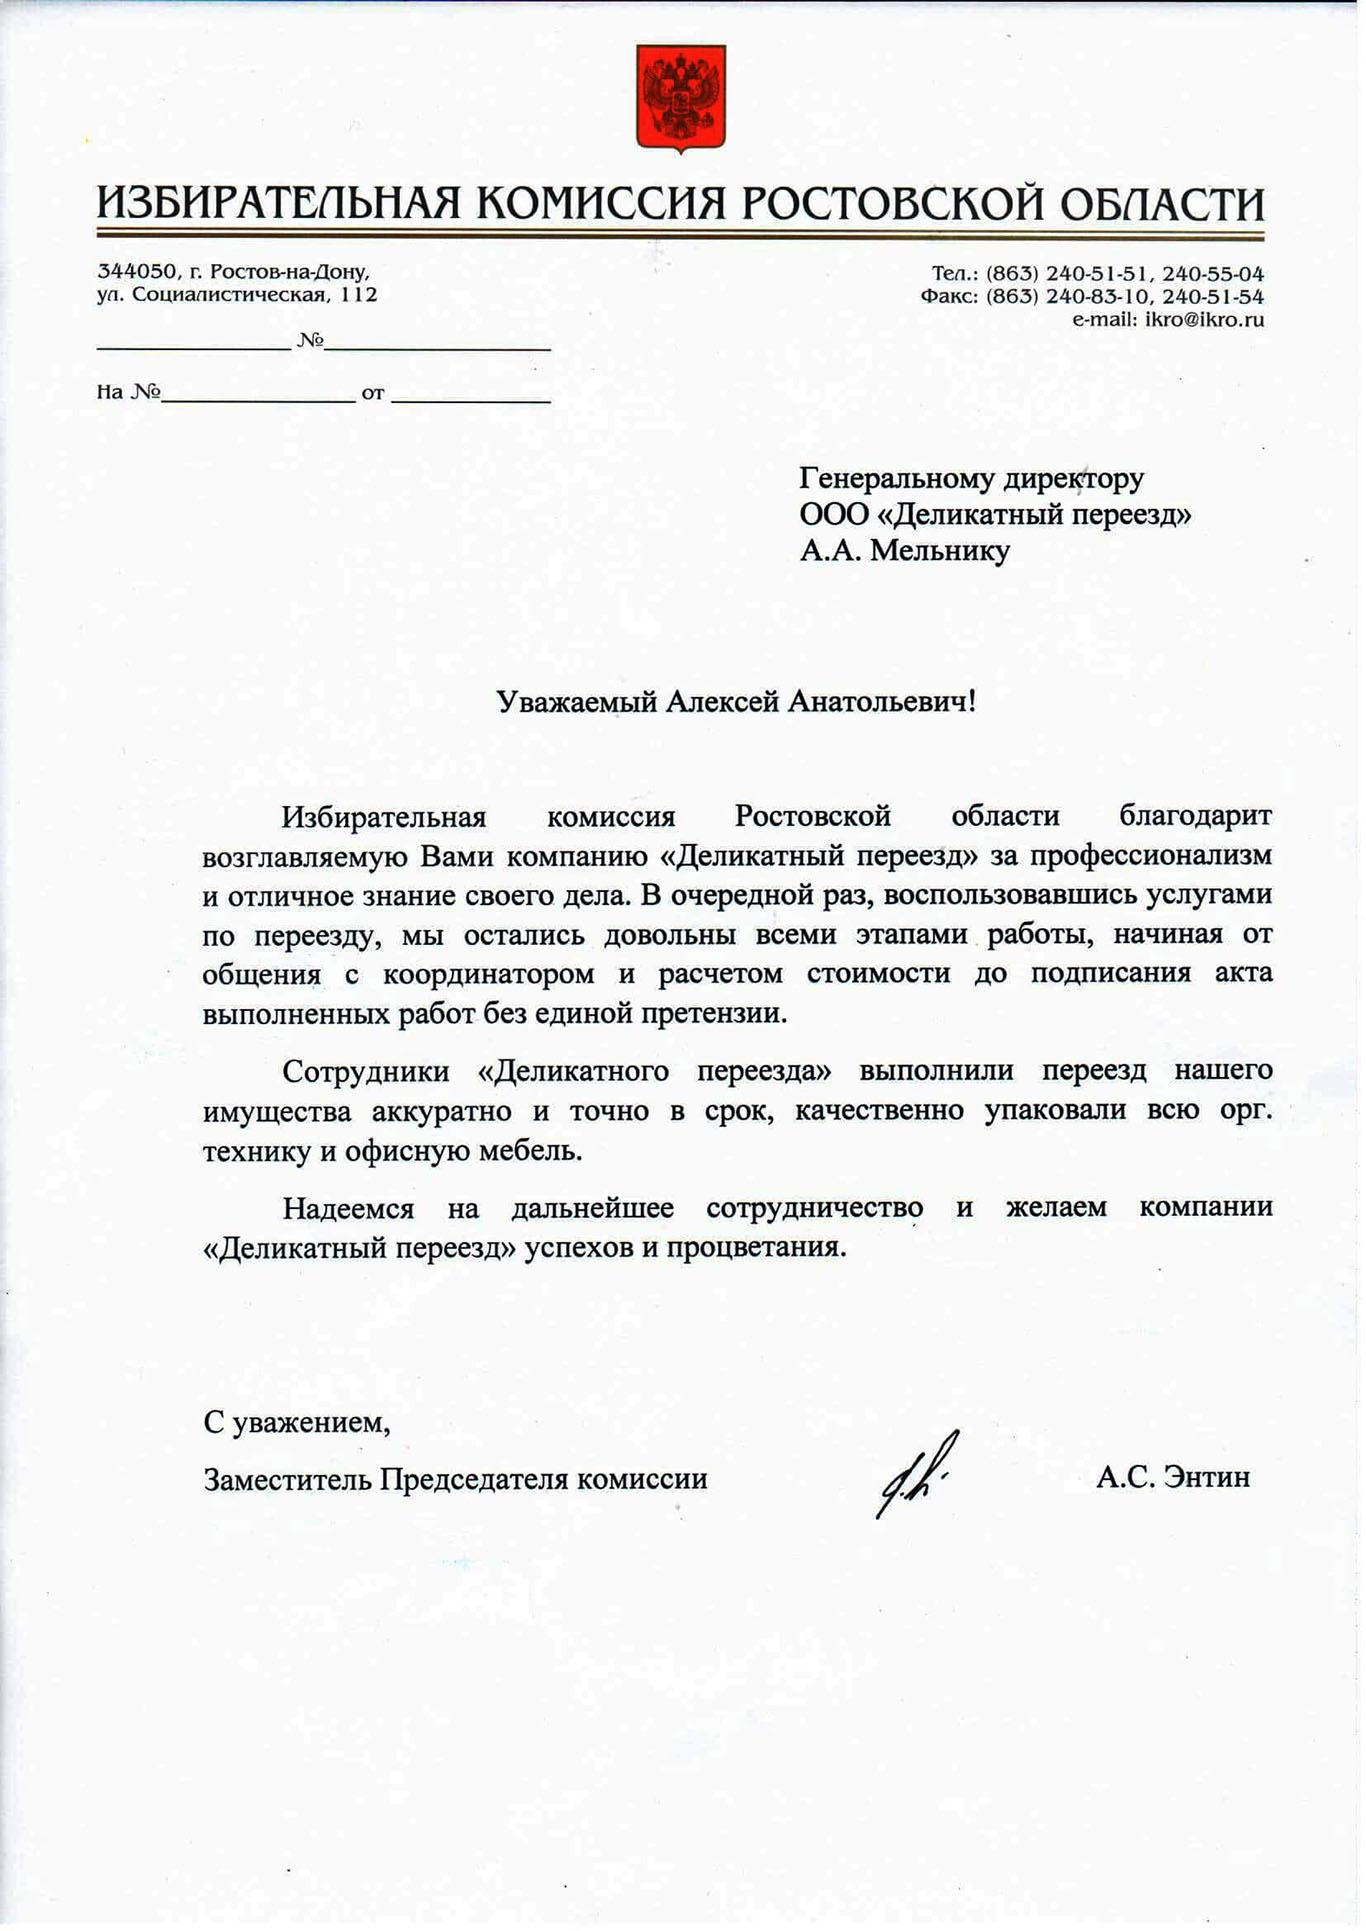 Благодарственное письмо от избирательной комиссии Ростовской области